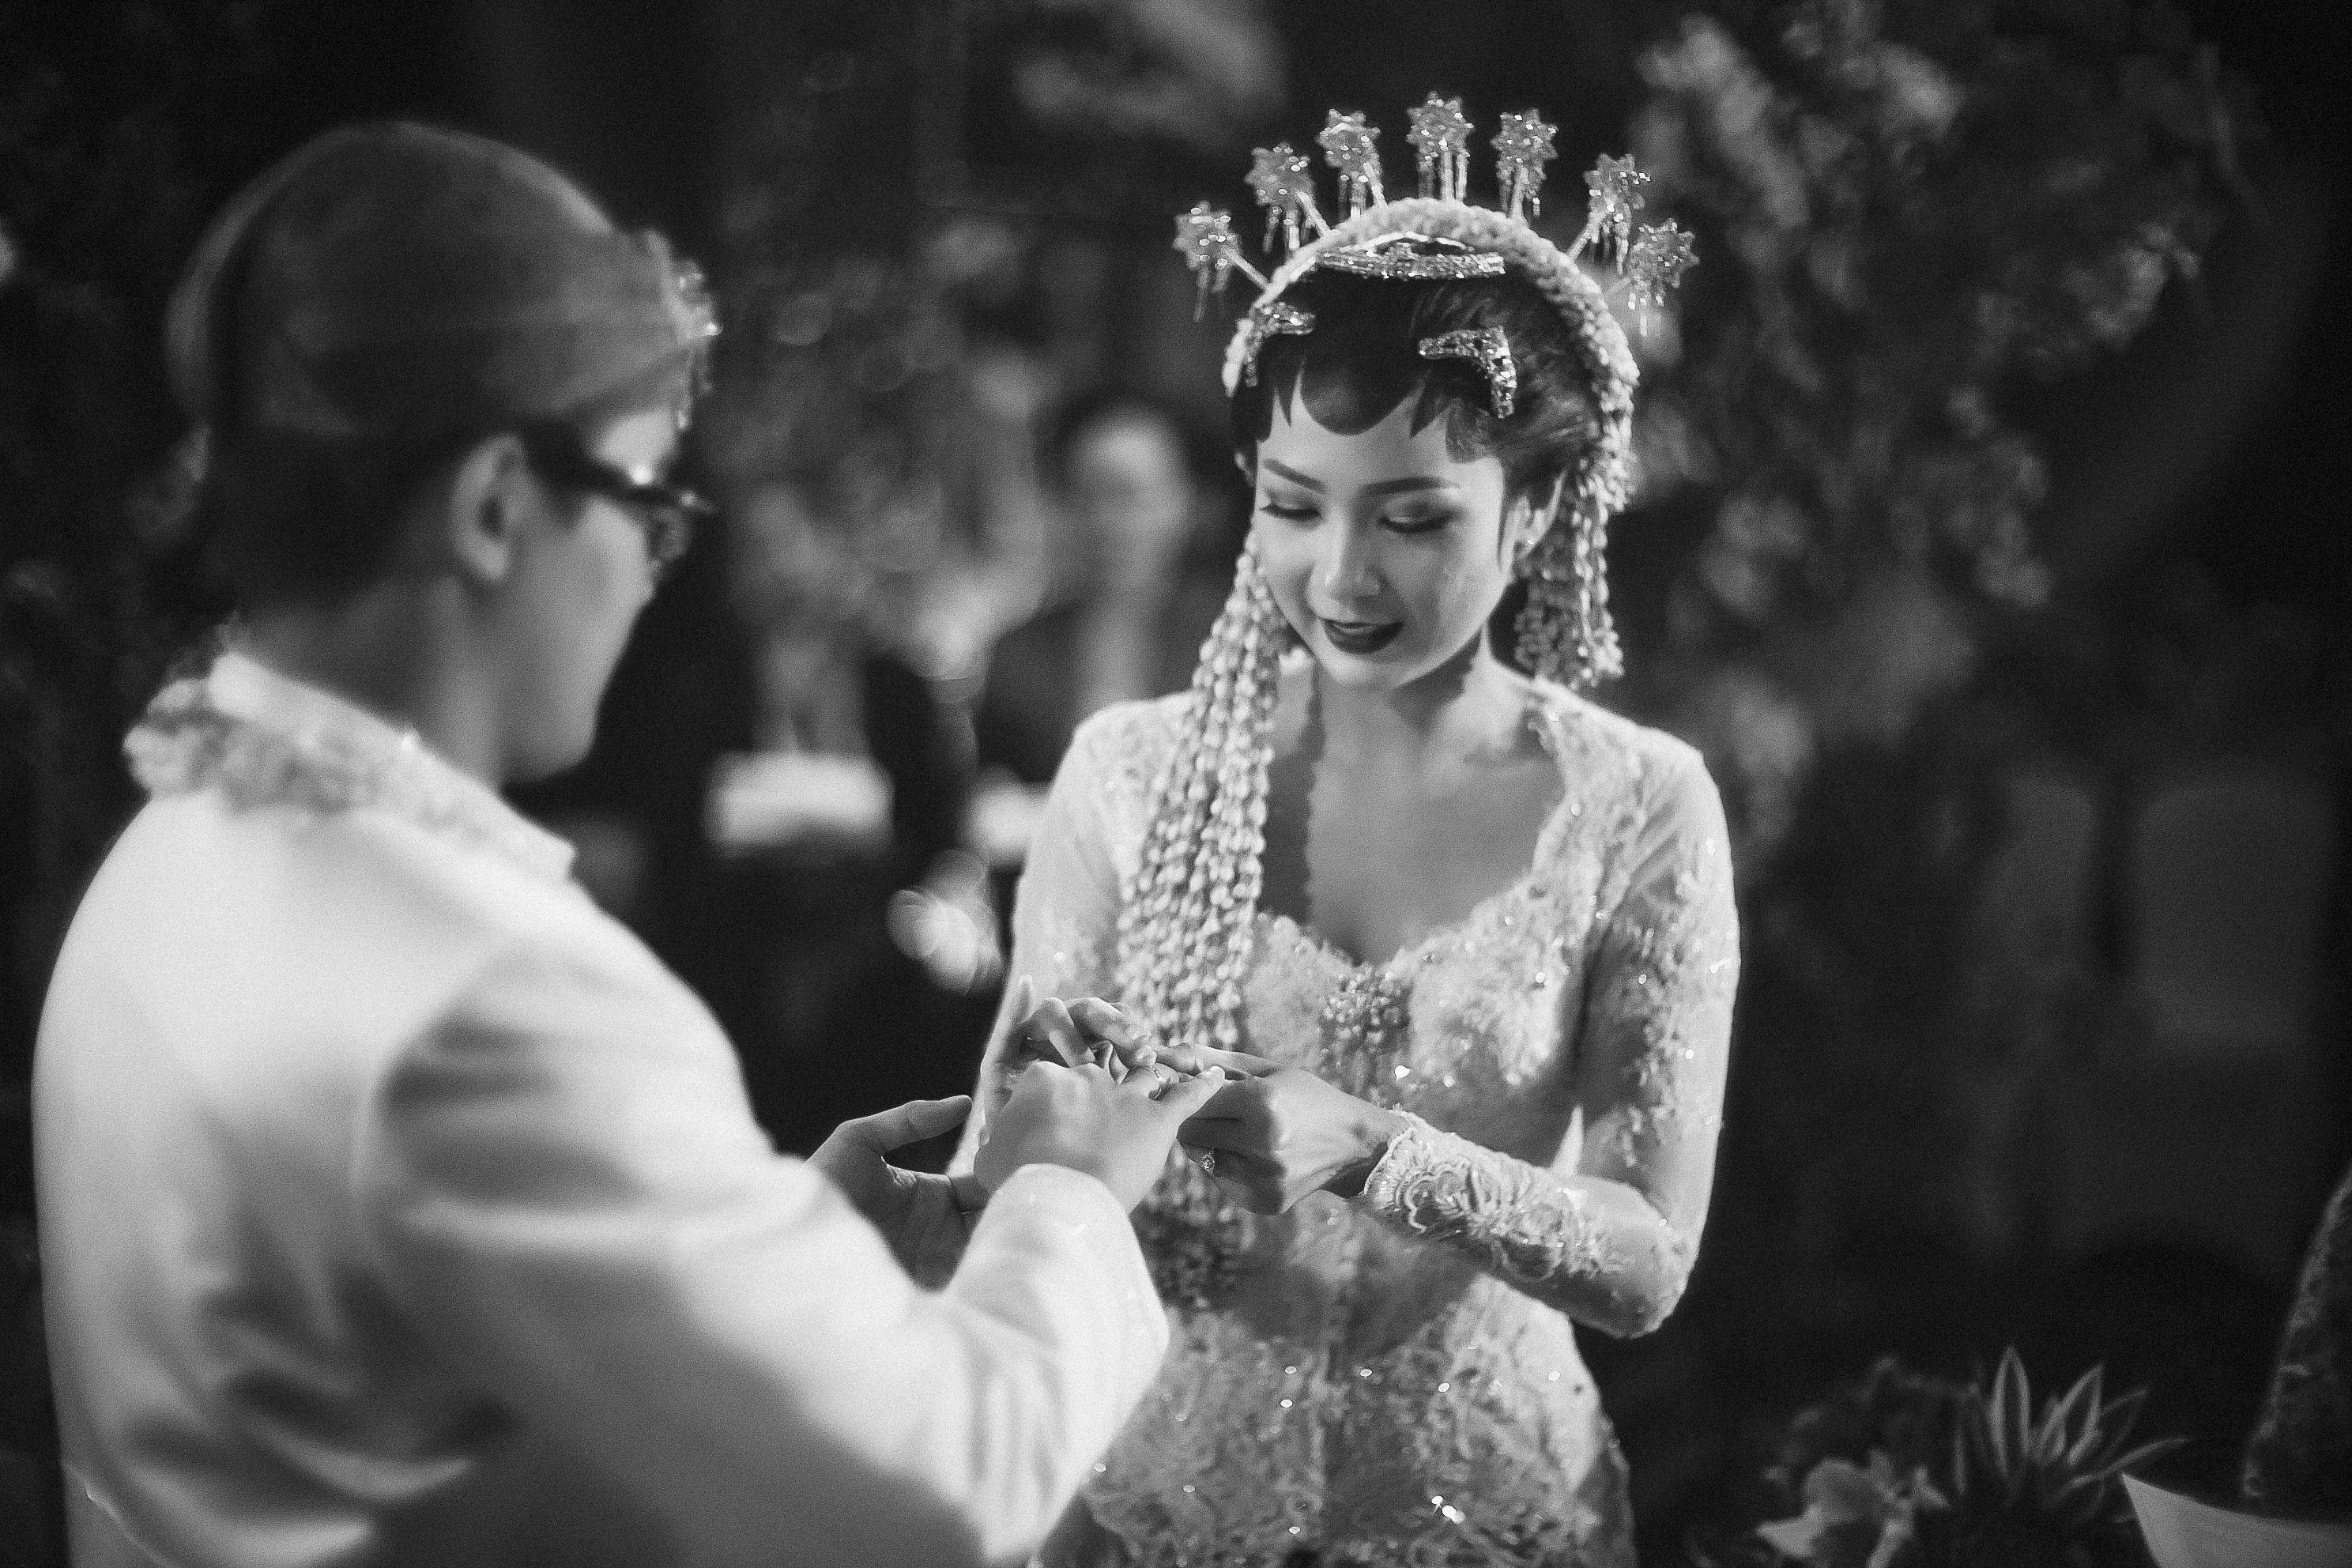 Checklist Foto Pernikahan: Momen Bersama Pasangan Image 5